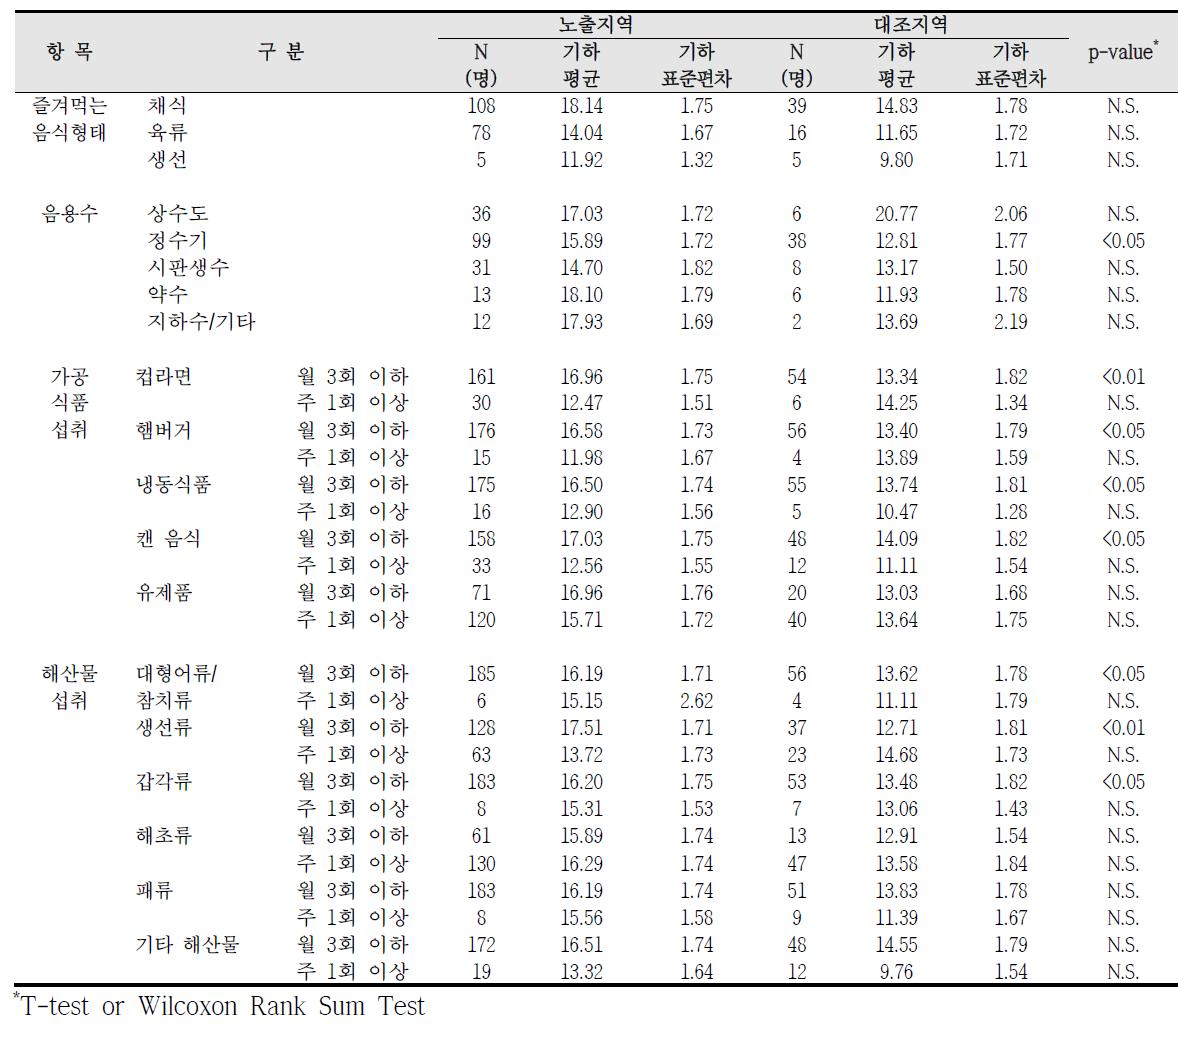 청주산업단지 식생활 습관에 따른 요중 MEOHP 농도 비교